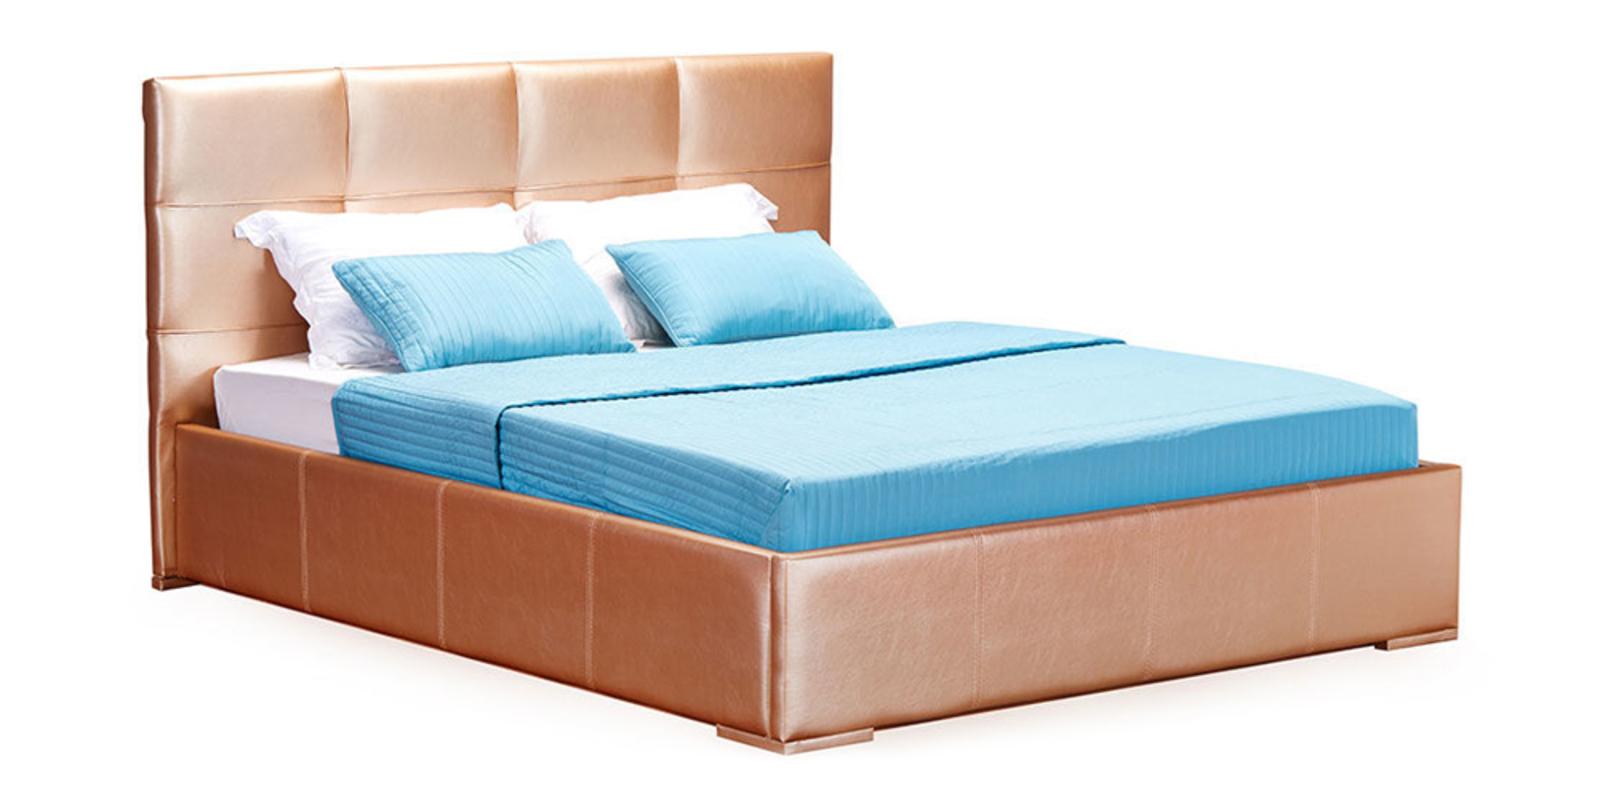 Кровать мягкая Лайф с подъемным механизмом (Золото)